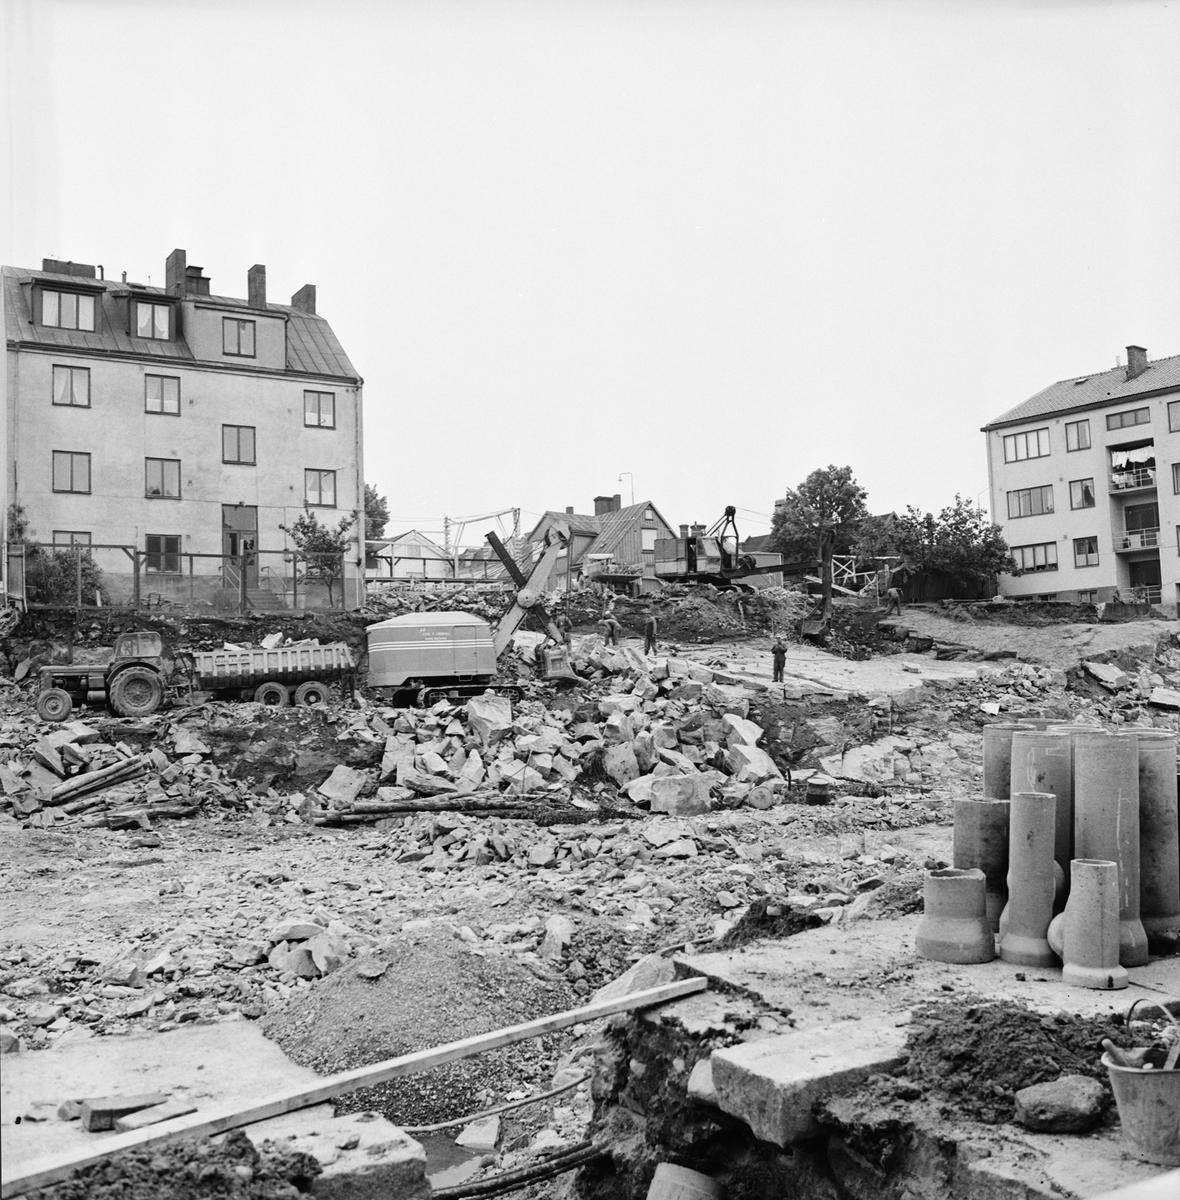 Övrigt: Foto datum: 13/6 1965 Byggnader och kranar Kvarteret pollux